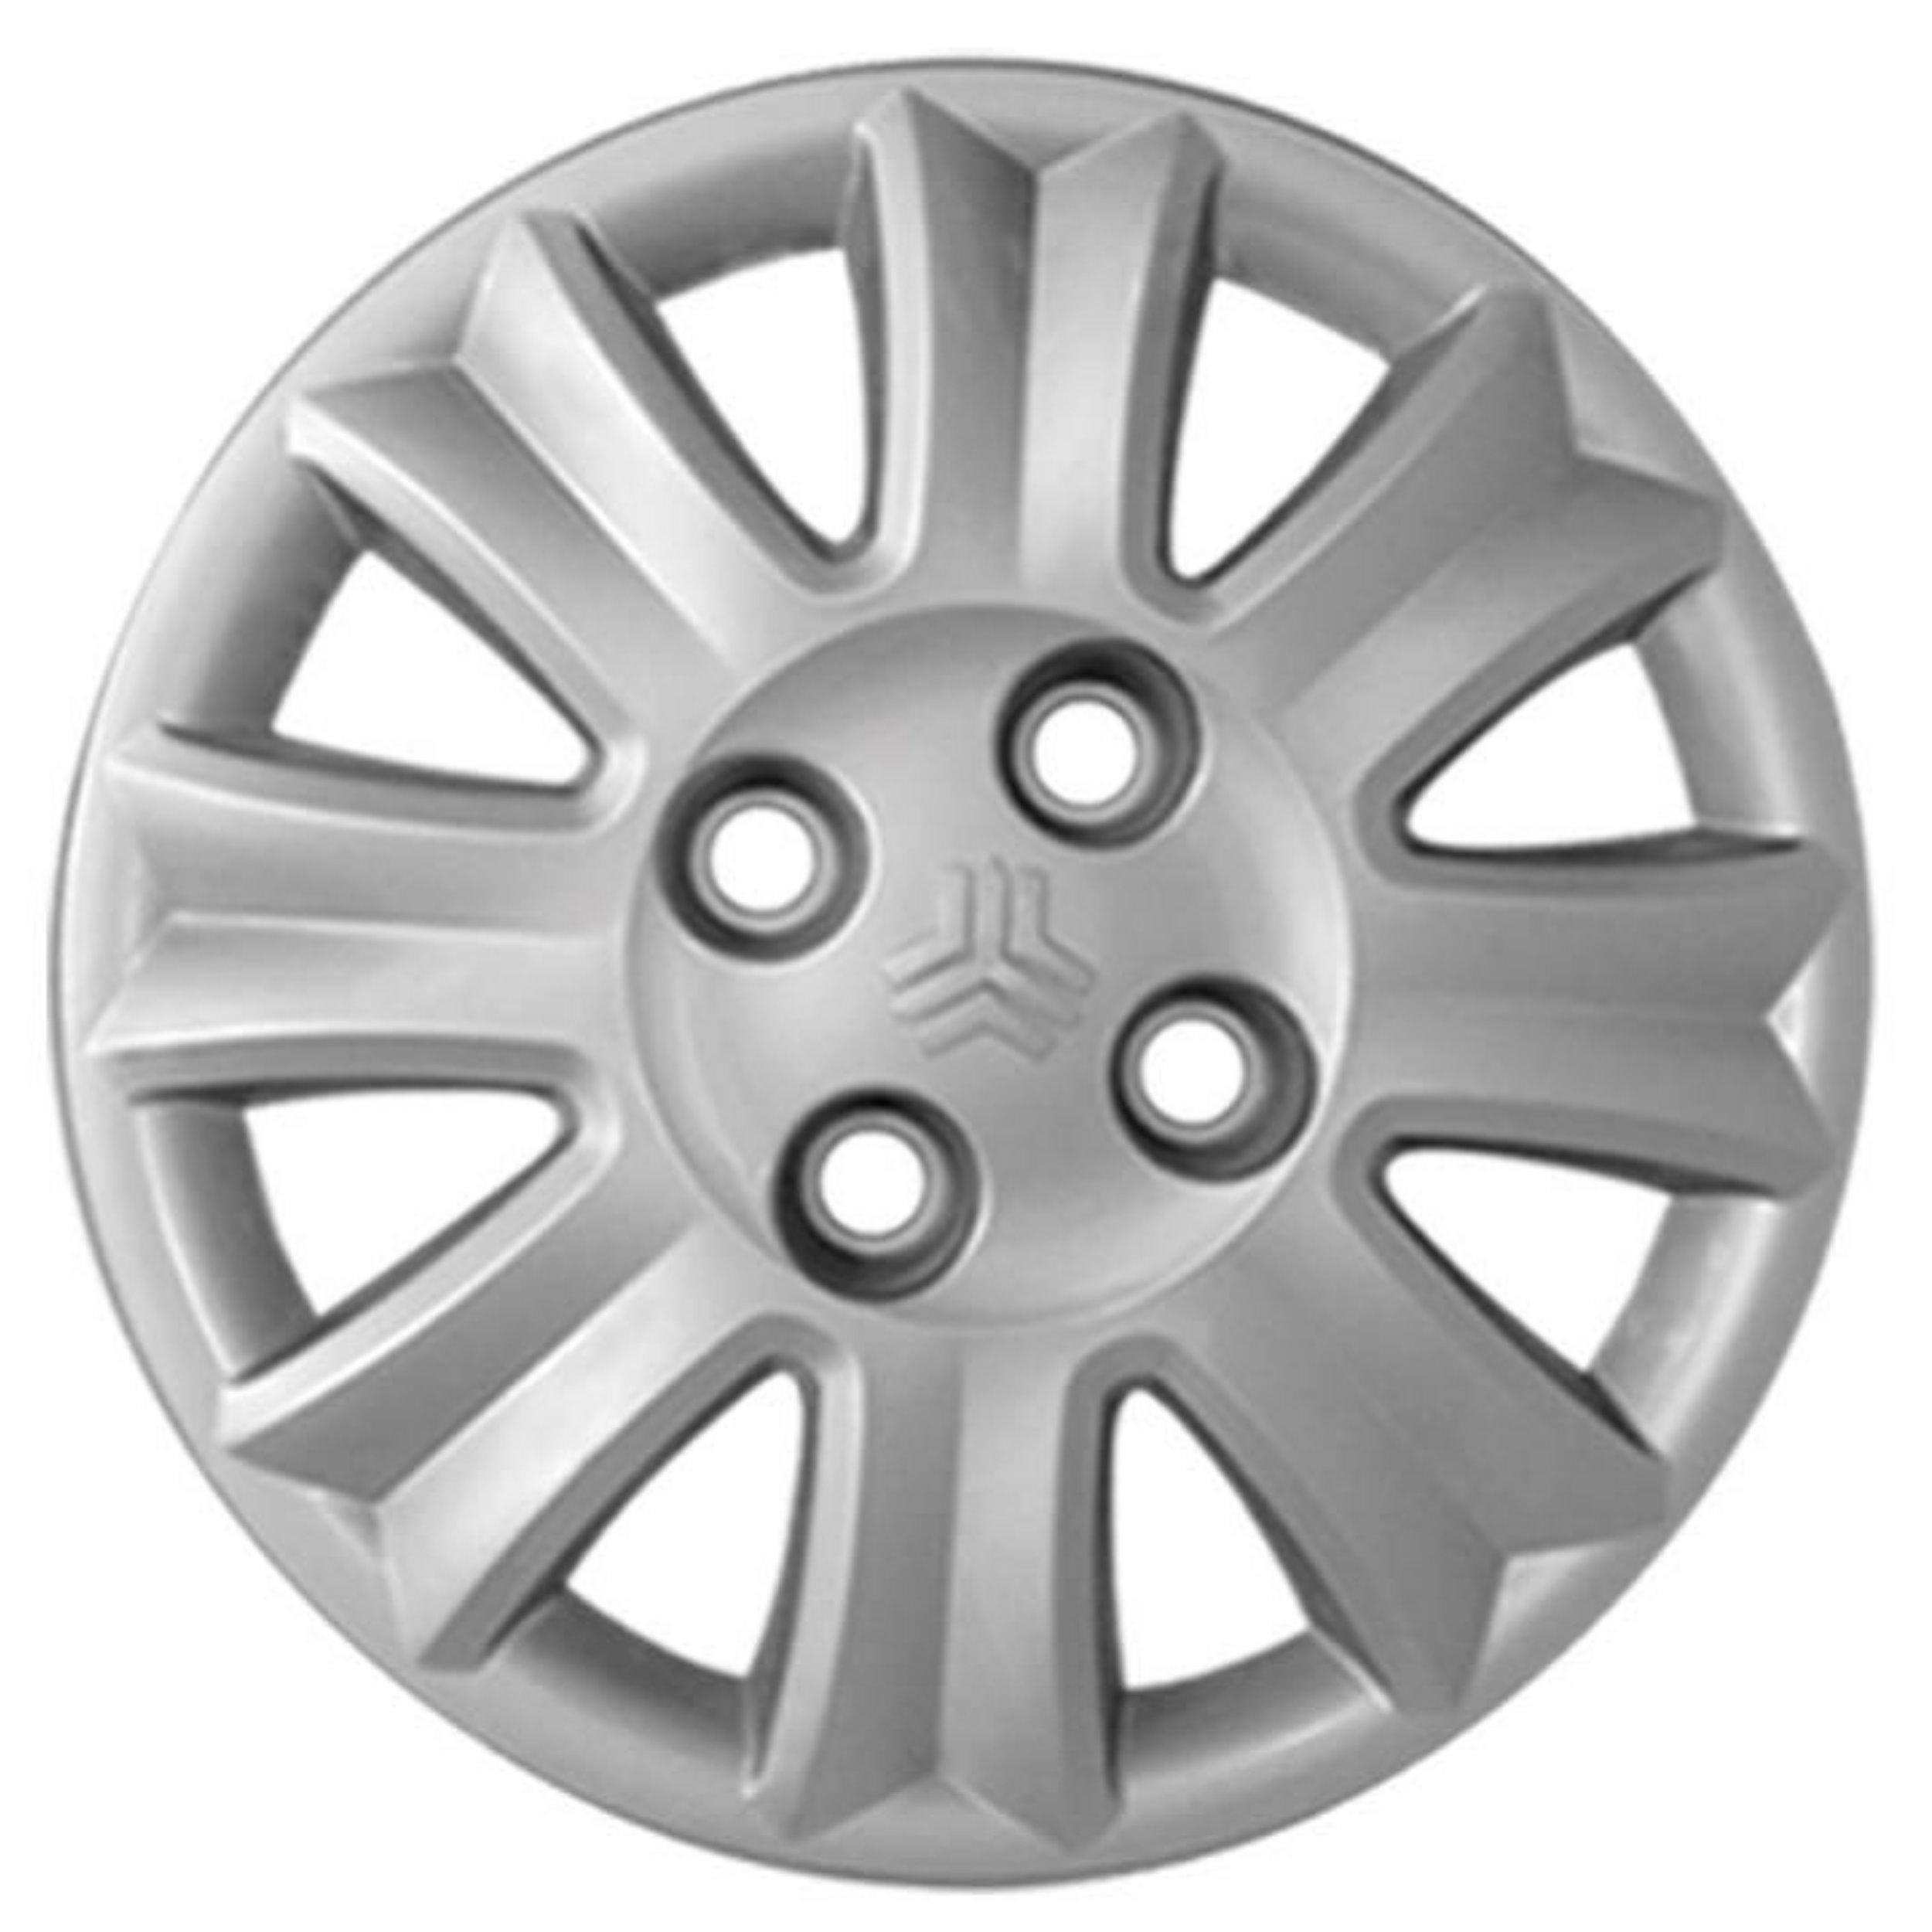 قالپاق چرخ ام اچ بی مدل TAKTi01 سایز 13 اینچ مناسب برای تیبا